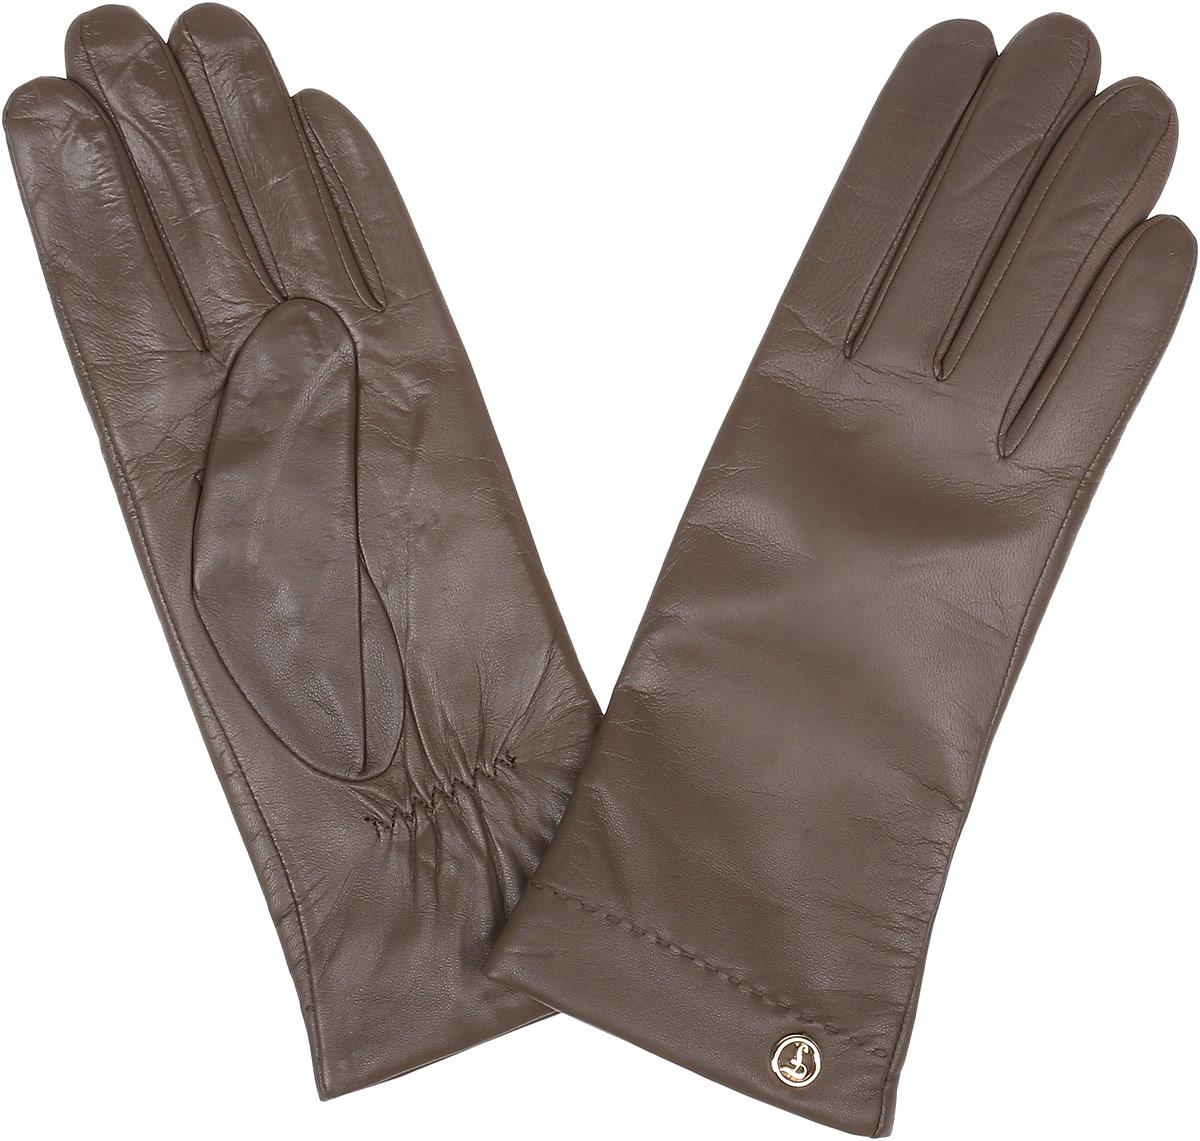 Перчатки женские Fabretti, цвет: какао. 12.9-10. Размер 6,512.9-10_taupeЭлегантные женские перчатки Fabretti станут великолепным дополнением вашего образа и защитят ваши руки от холода и ветра во время прогулок. Перчатки выполнены из натуральной кожи ягненка. Модель декорирована стильной металлической пластиной с названием бренда. Такие перчатки будут оригинальным завершающим штрихом в создании современного модного образа, они подчеркнут ваш изысканный вкус и станут незаменимым и практичным аксессуаром.